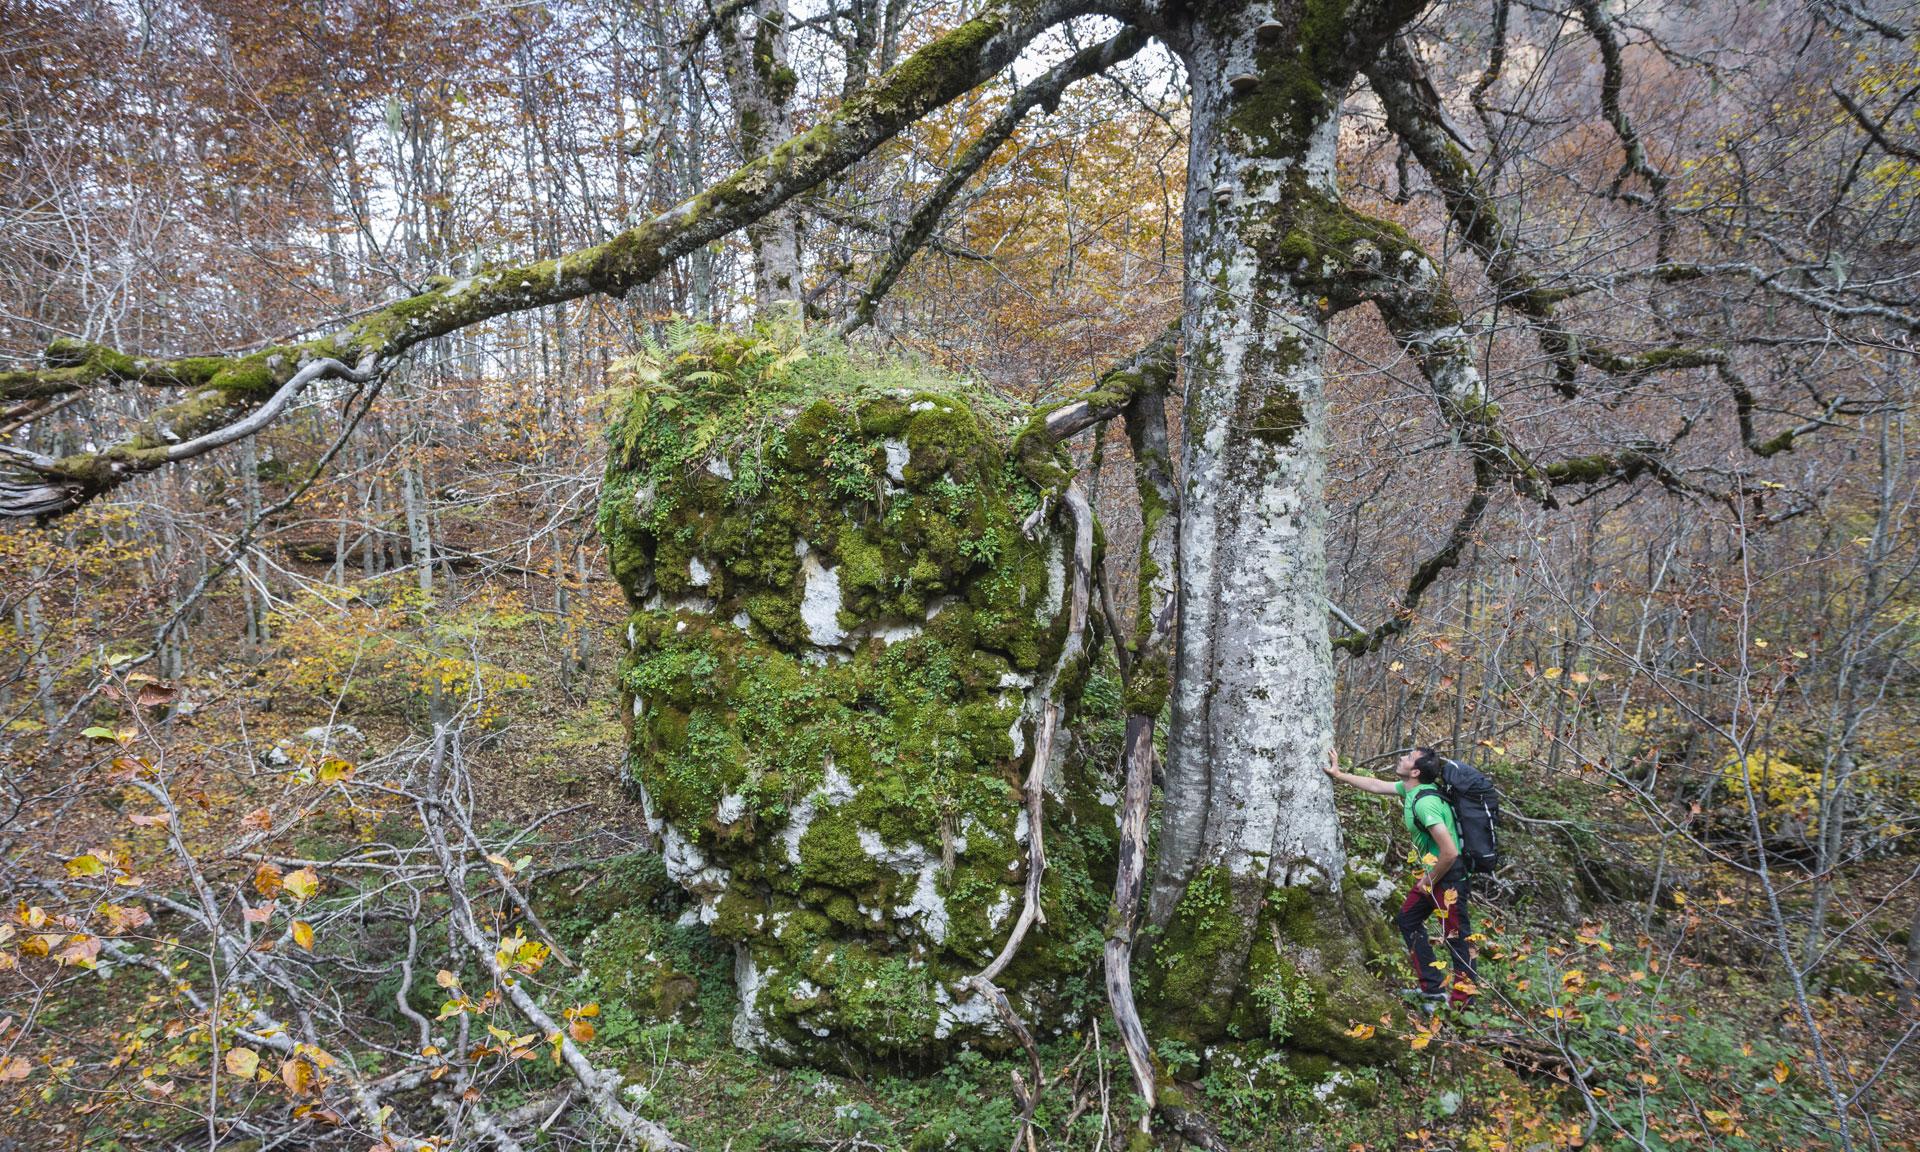 Sono passati in tutto cinquecento anni, siamo arrivati ai giorni nostri e in un pomeriggio di tarda estate un'escursionista accaldato si riposa all'ombra di questo albero maestoso